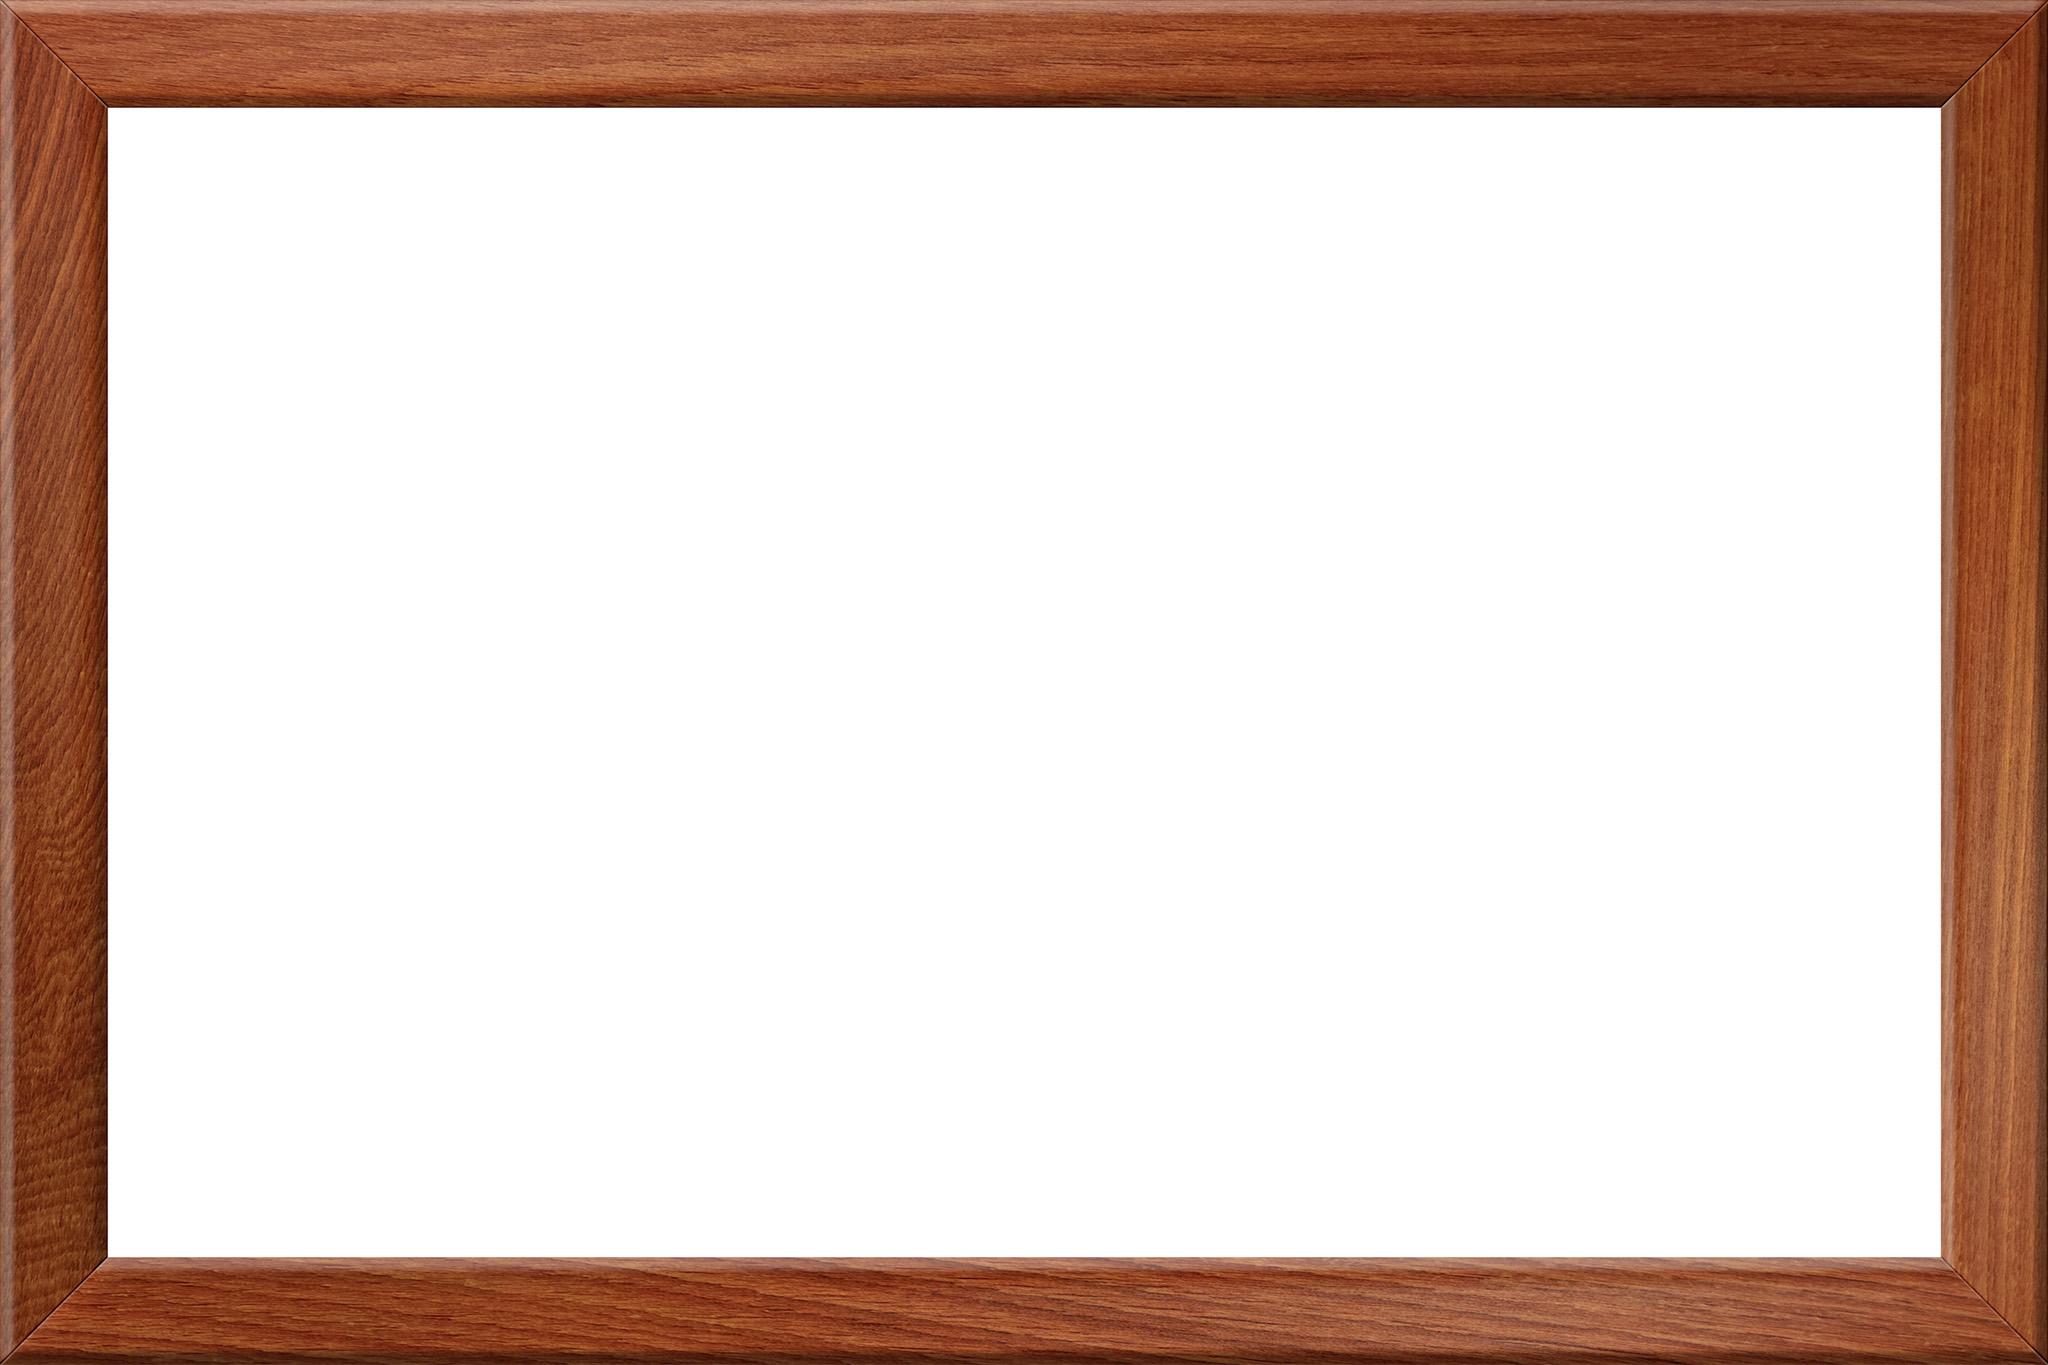 「落ち着いた雰囲気の木製額」の画像を無料ダウンロード